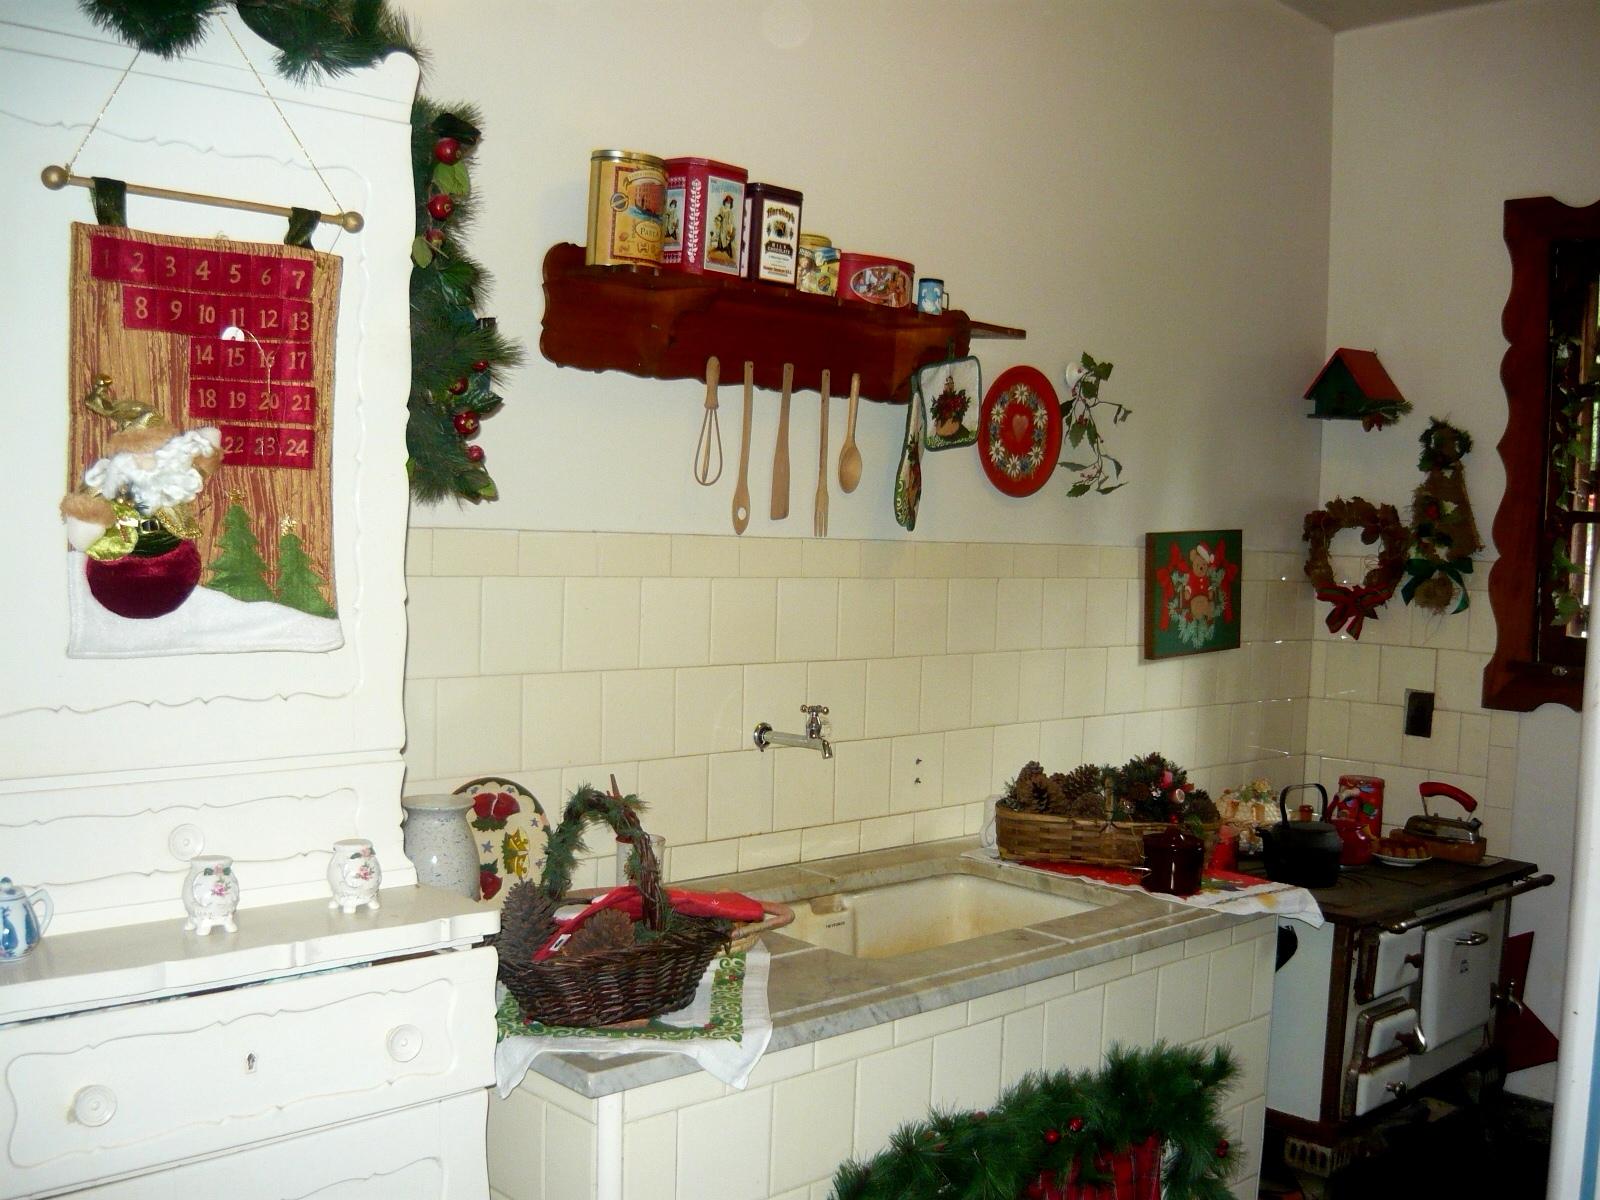 decoracao cozinha natal : decoracao cozinha natal:Cozinha Santa: Gramado, RS – Feliz Natal!!!